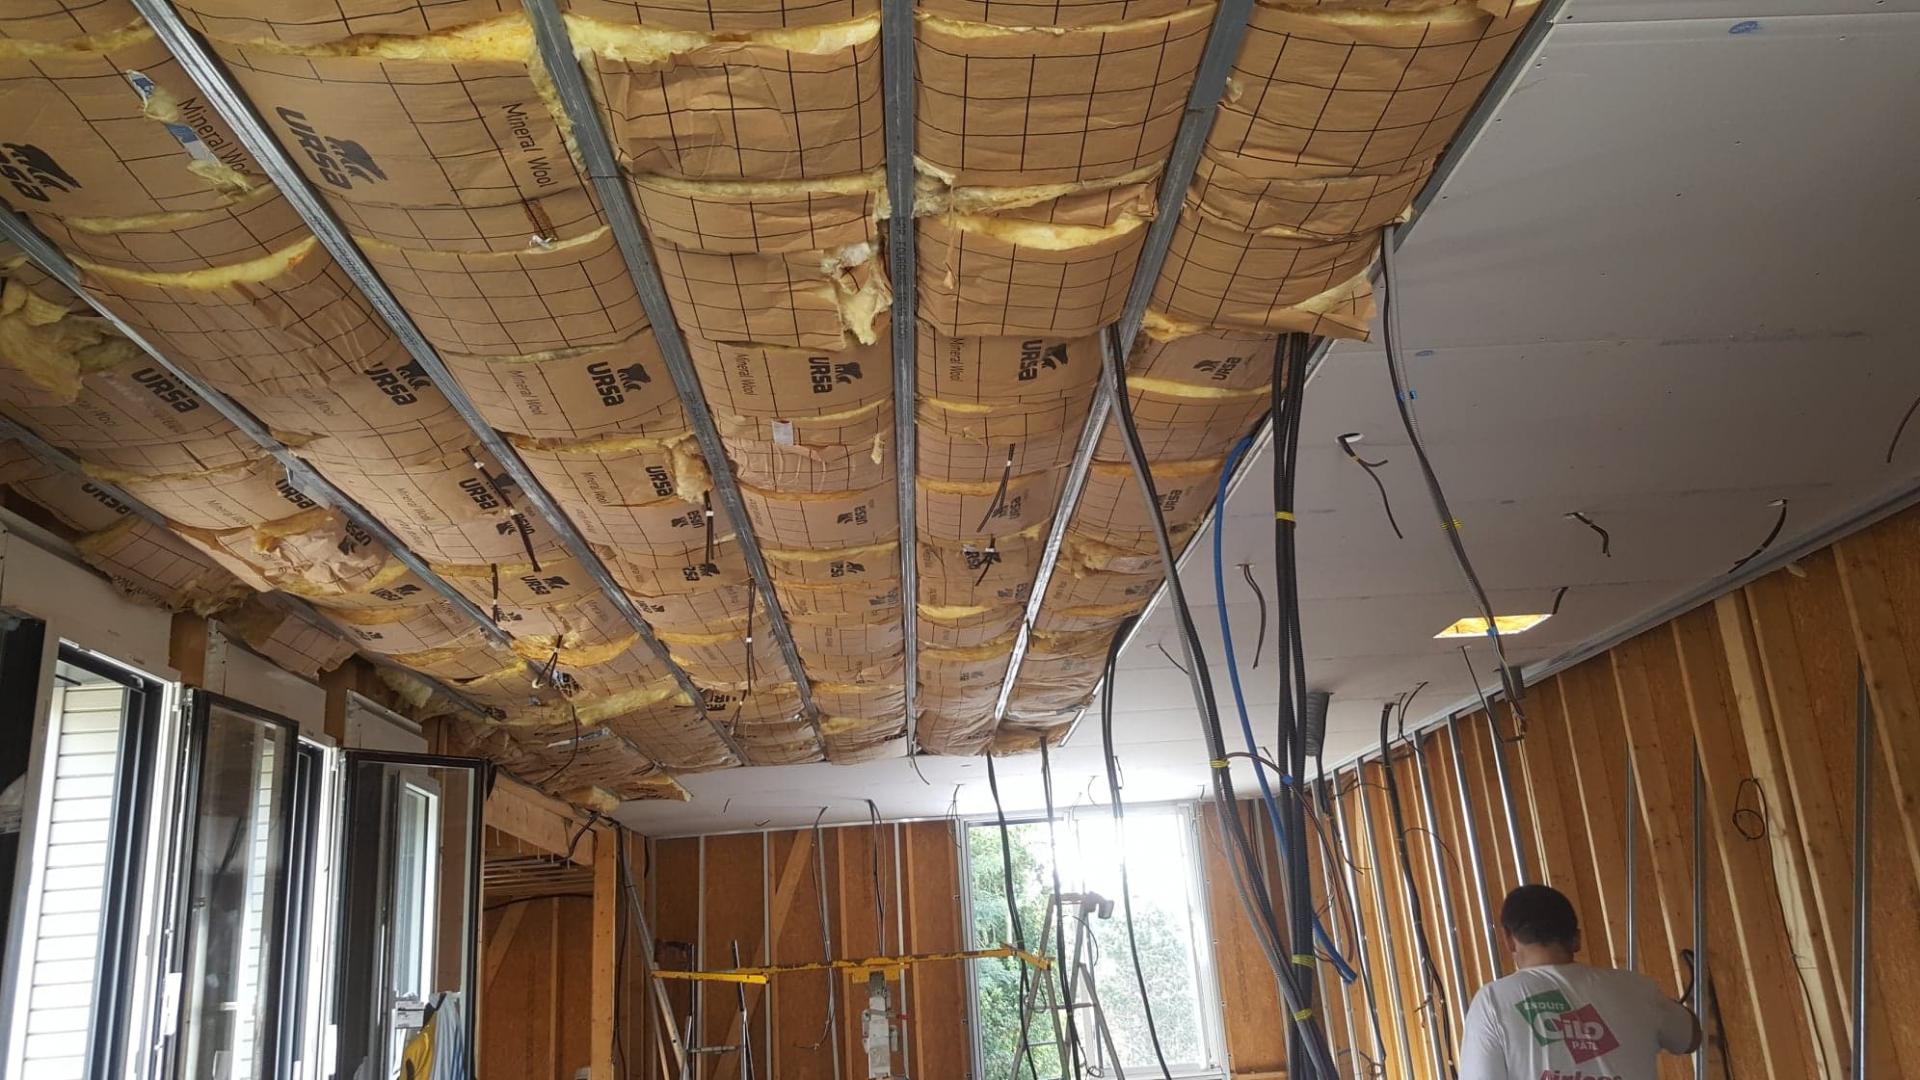 Agrandissement avec salle de musique - isolation et aménagement intérieurs